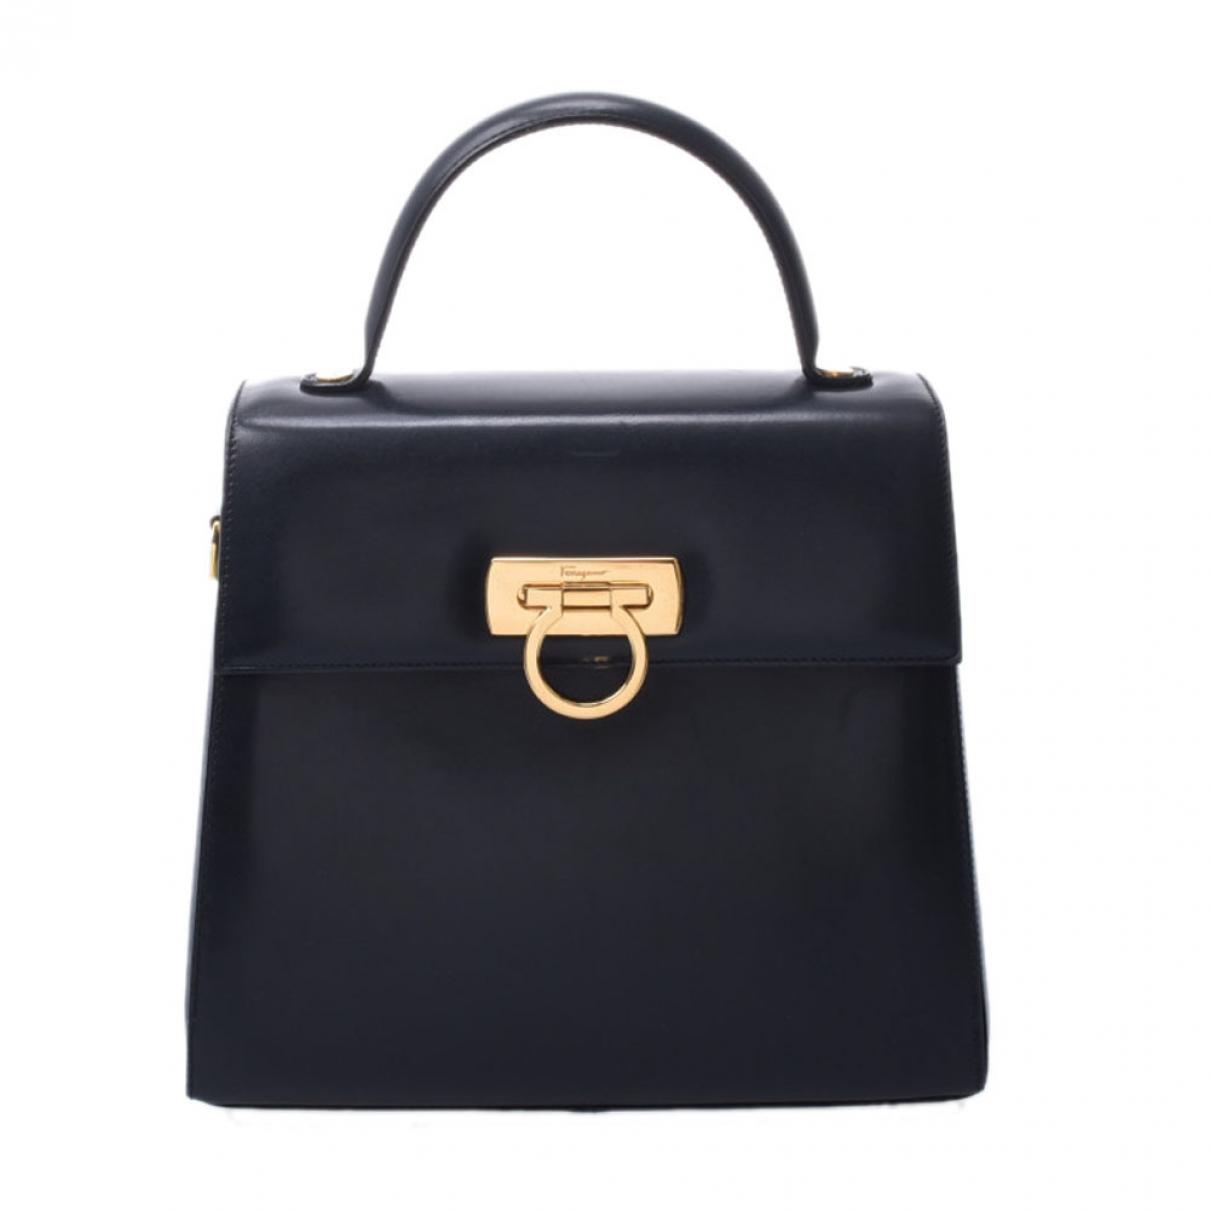 Salvatore Ferragamo \N Handtasche in  Marine Leder